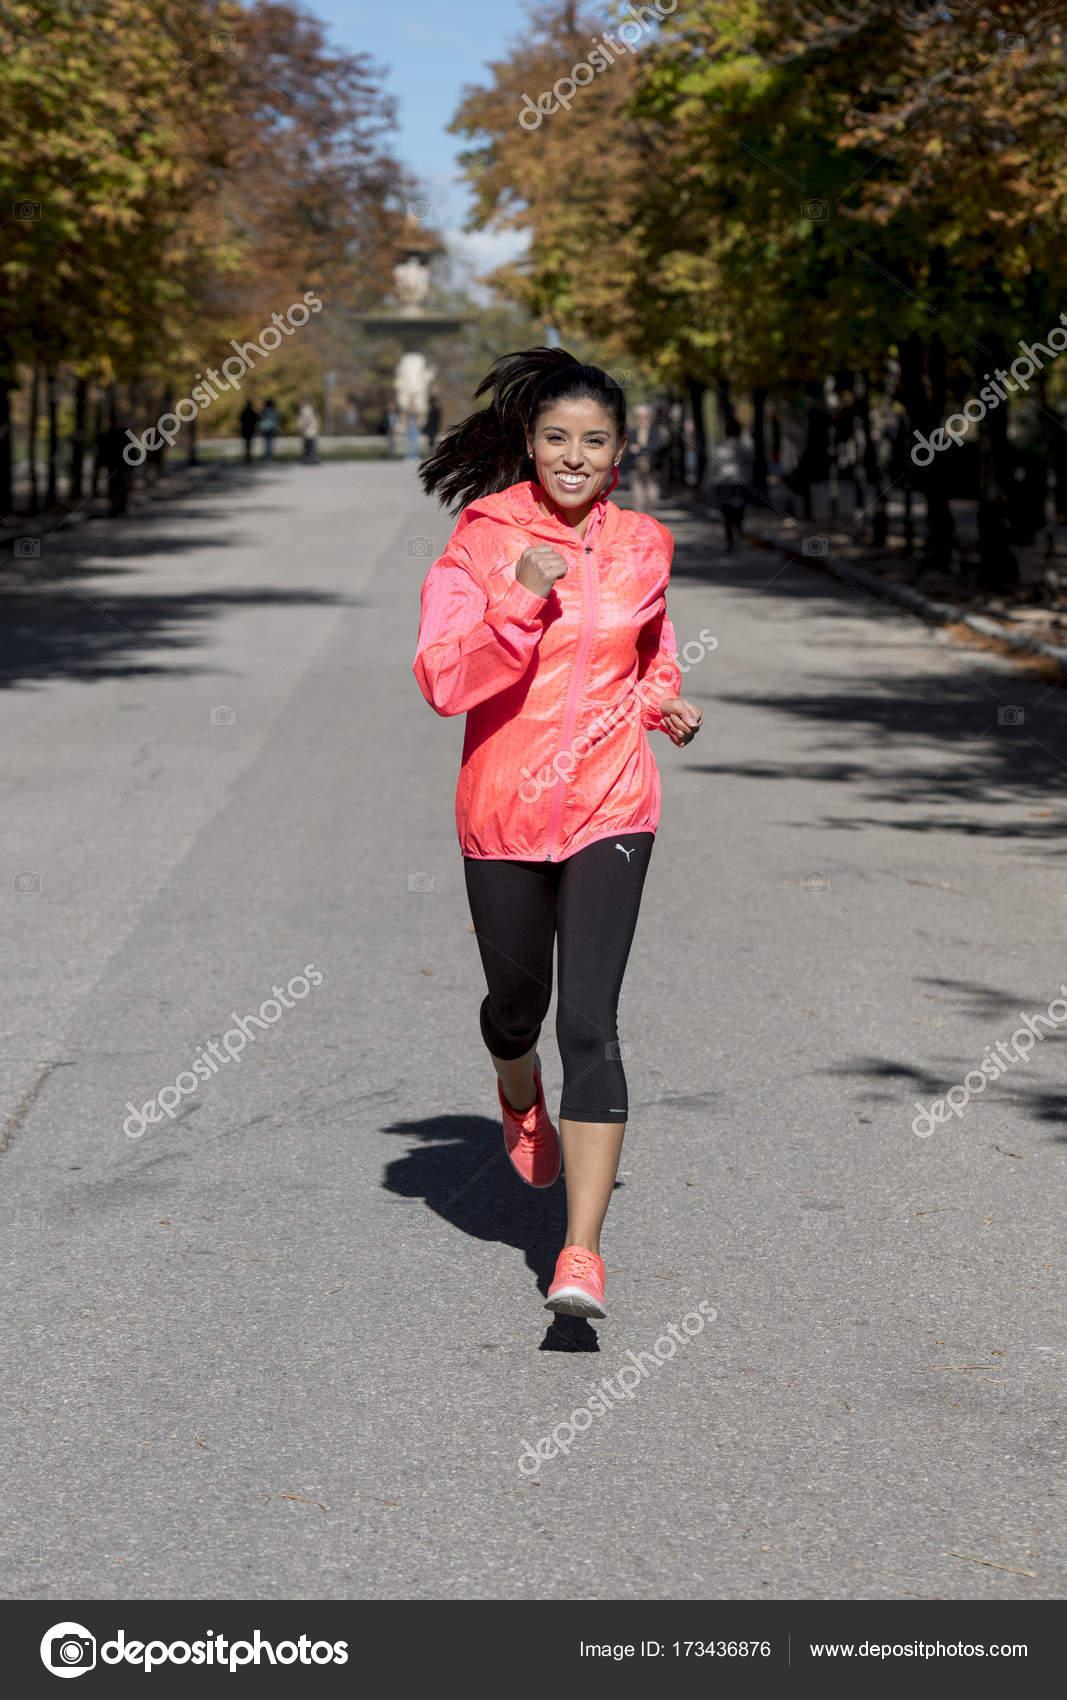 Femme sport jeune coureur attrayant en sportswear automne en cours  d exécution et de la formation sur le jogging à l extérieur d entraînement  dans la ville ... 0d4fb0b922d